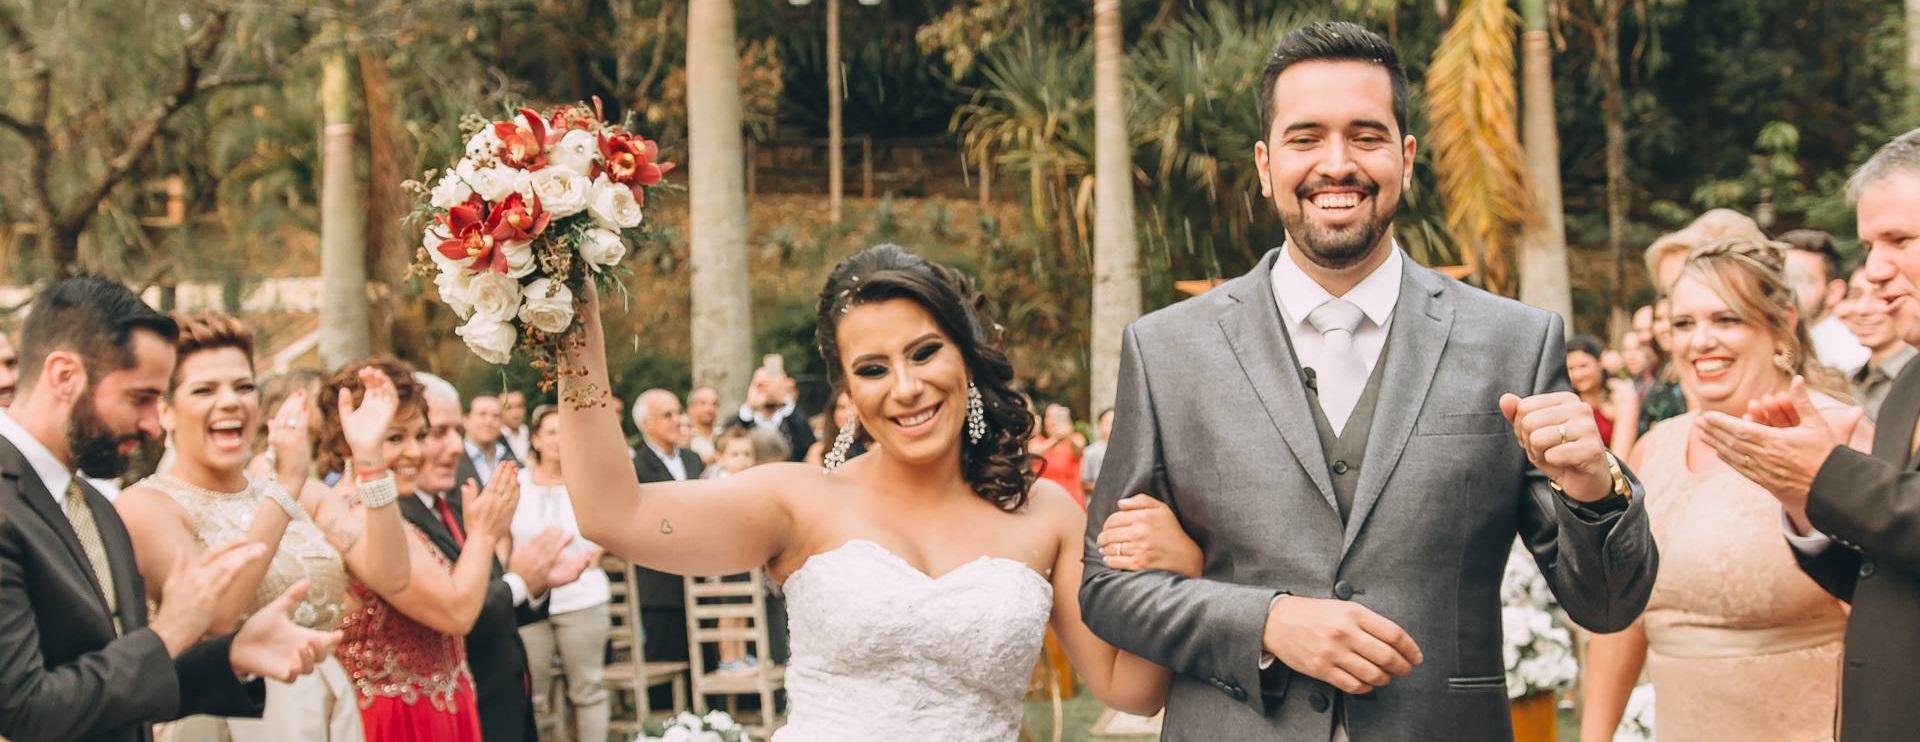 Contate Junior Caiuby - Fotógrafo Vídeo de Casamentos e Família